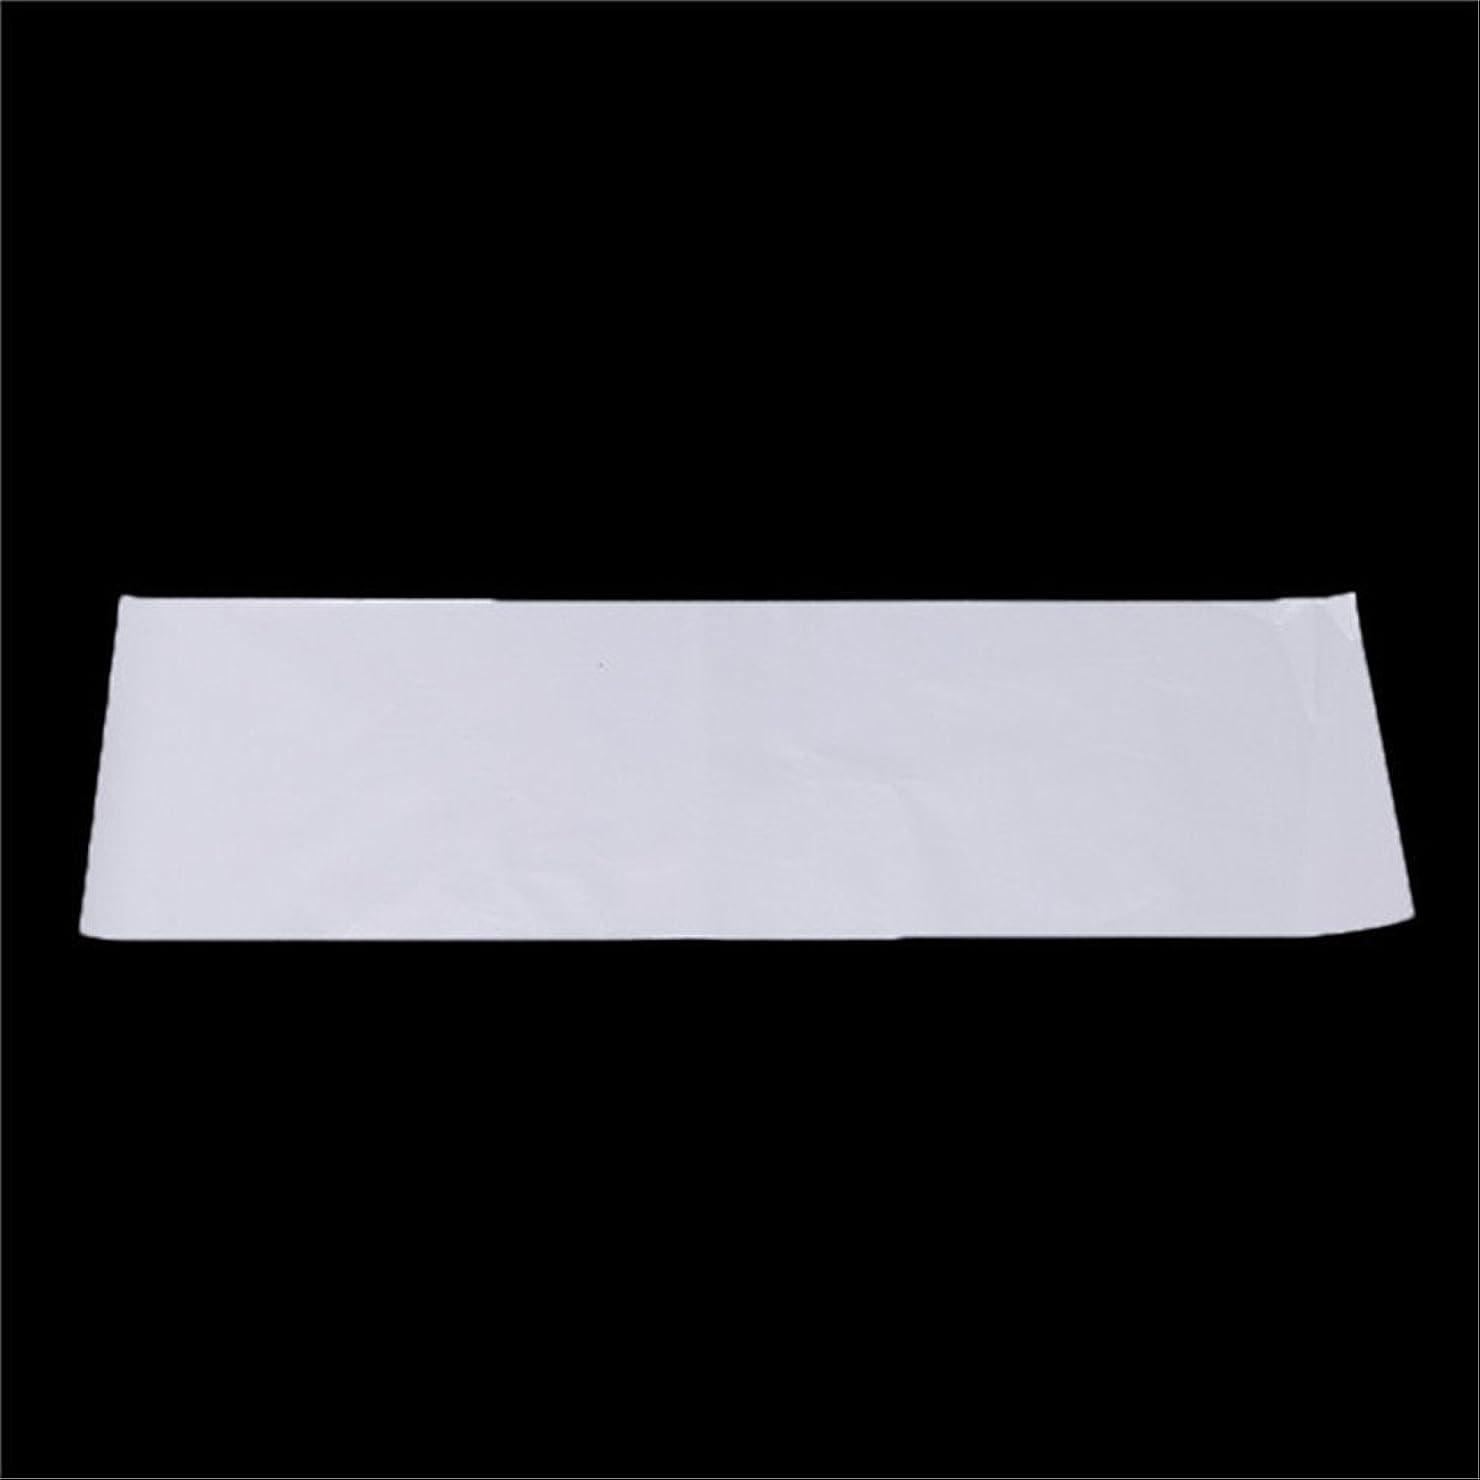 分離するバリケード釈義MARUIKAO パーマ紙 パーマペーパー ヘアペーパー 長方形 サロンホーム